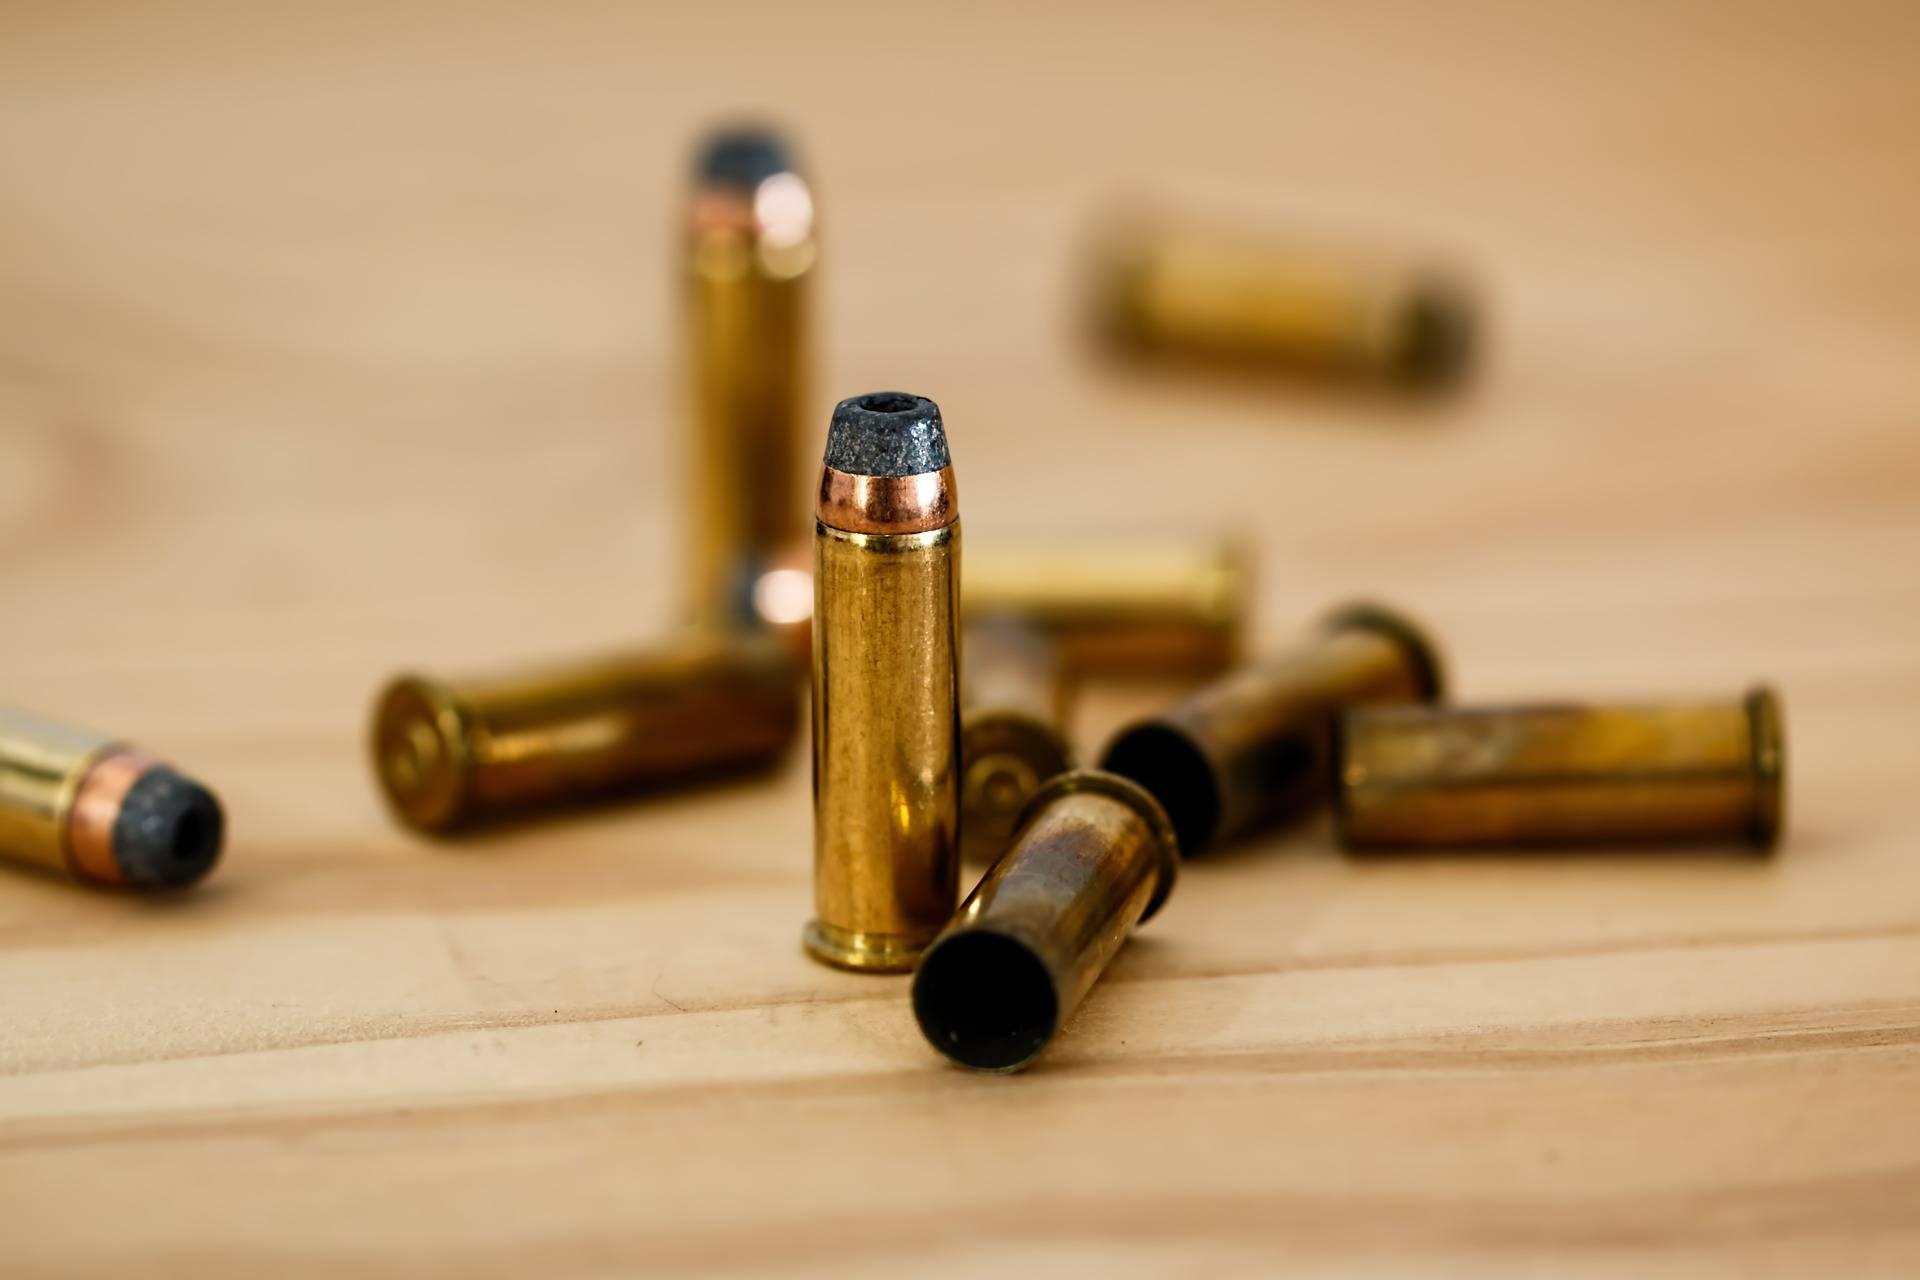 Za manje civilnih žrtava: Novi metak sam će se uništiti u letu